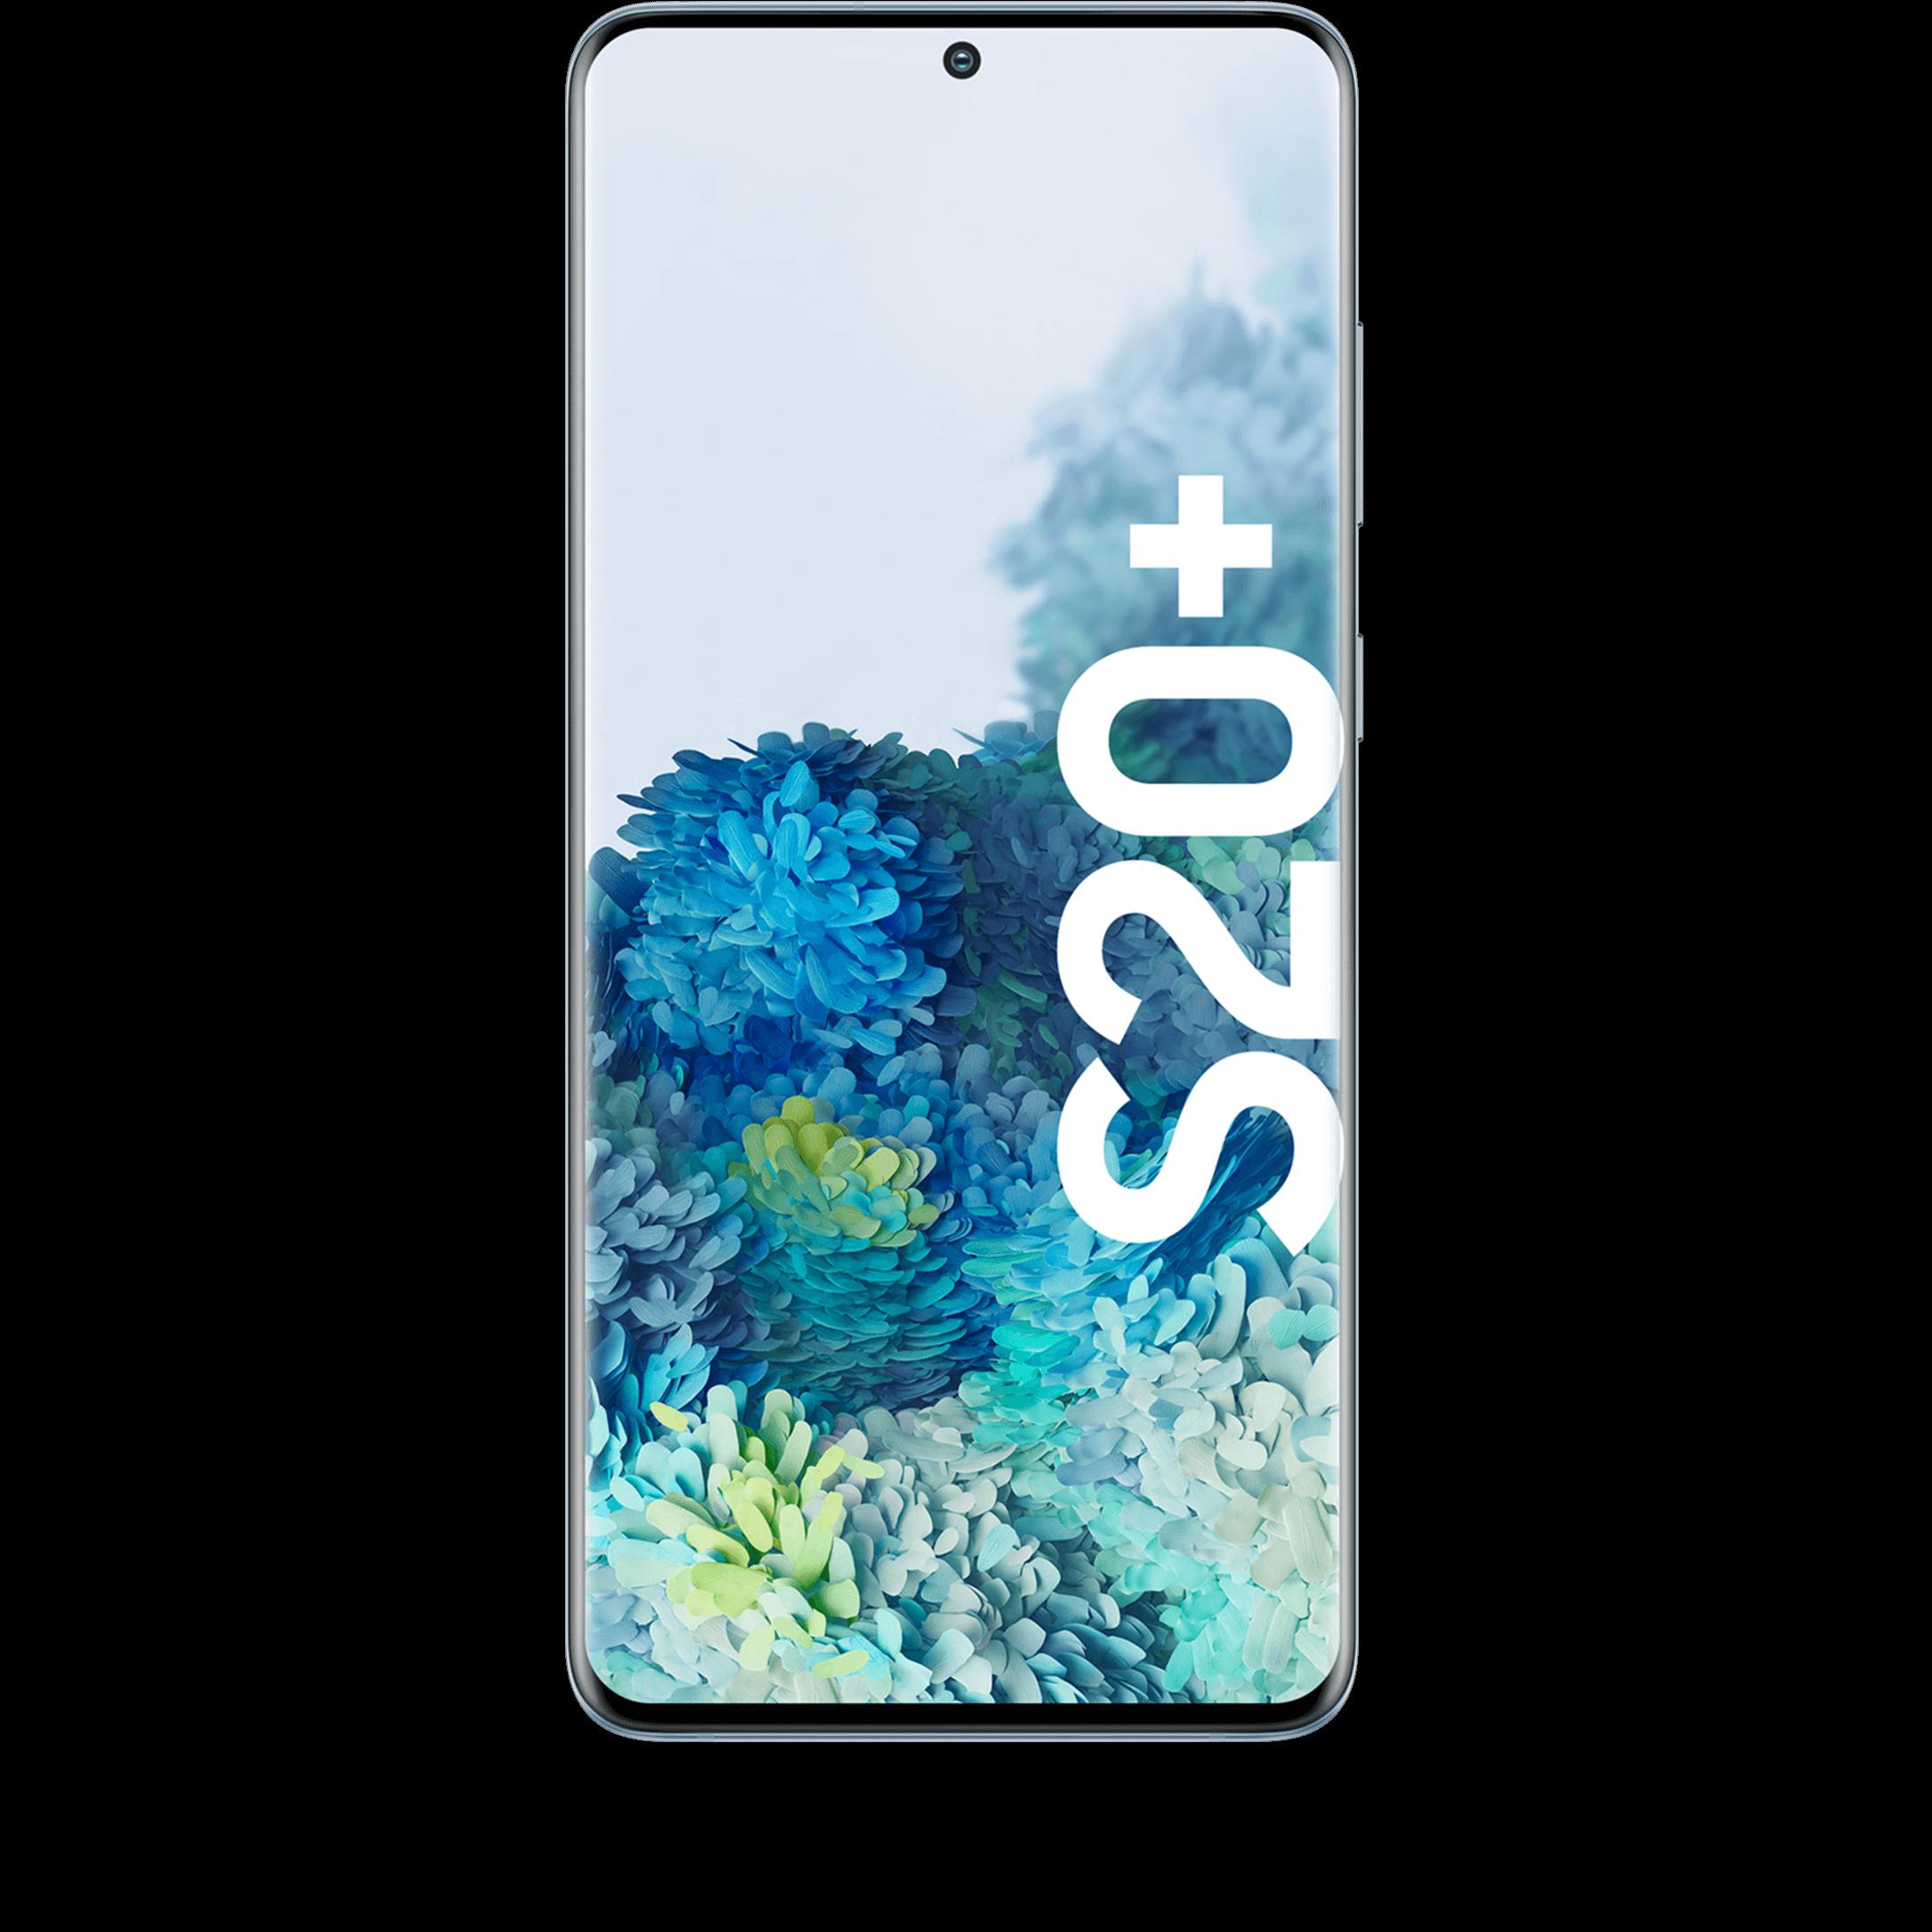 Günstig Kaufen beim Preisvergleich-Samsung Galaxy S20+ 128 GB light blue mit Allnet Flat L